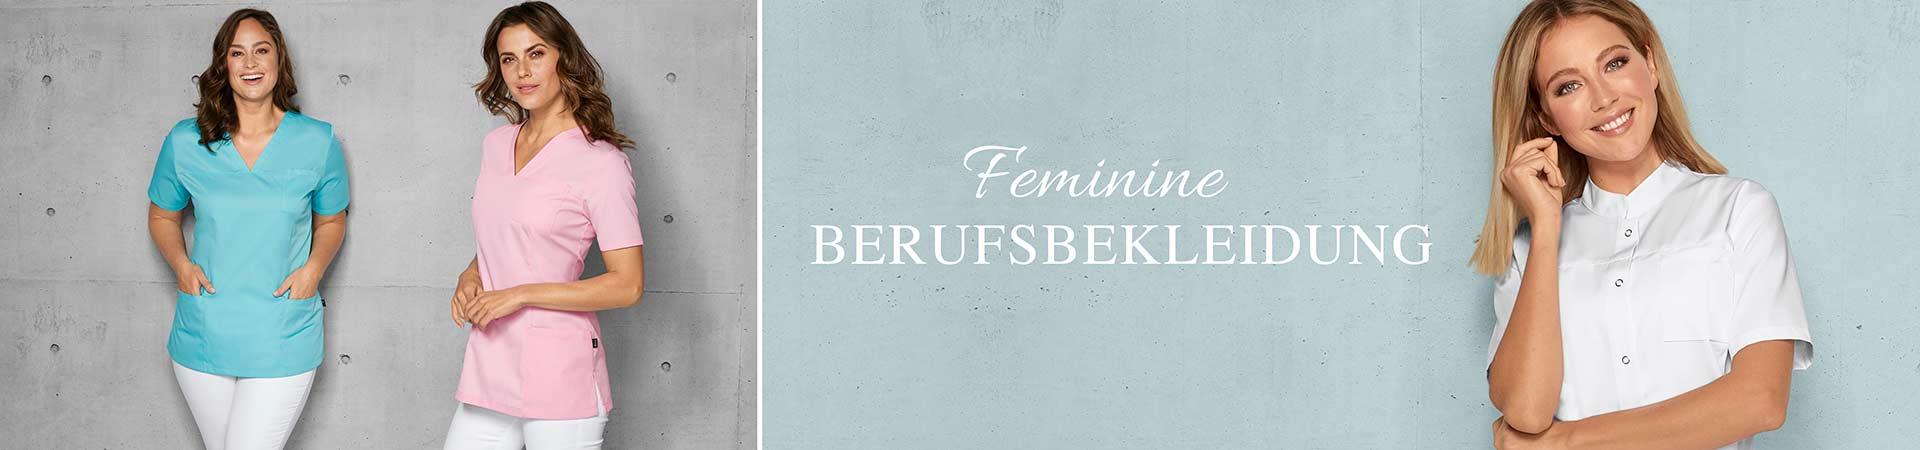 Feminine Berufsbekleidung